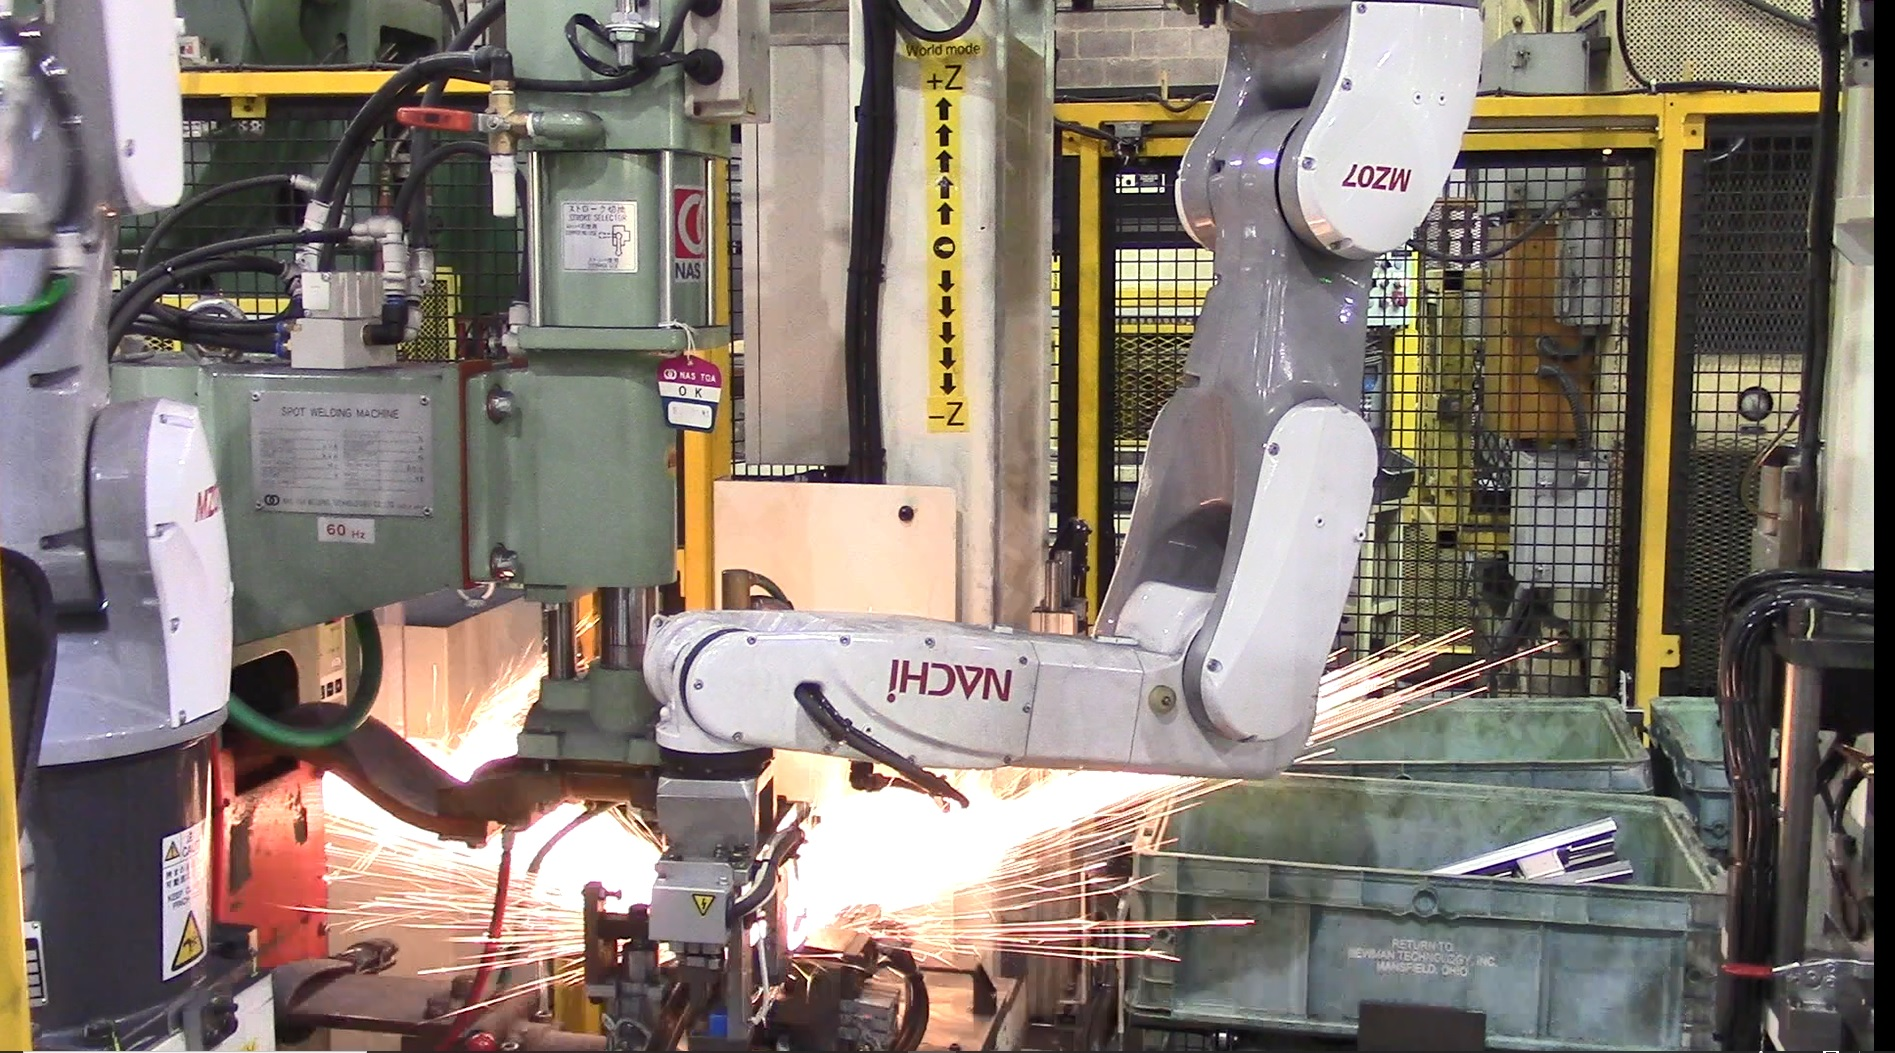 ロボットを使用した設備